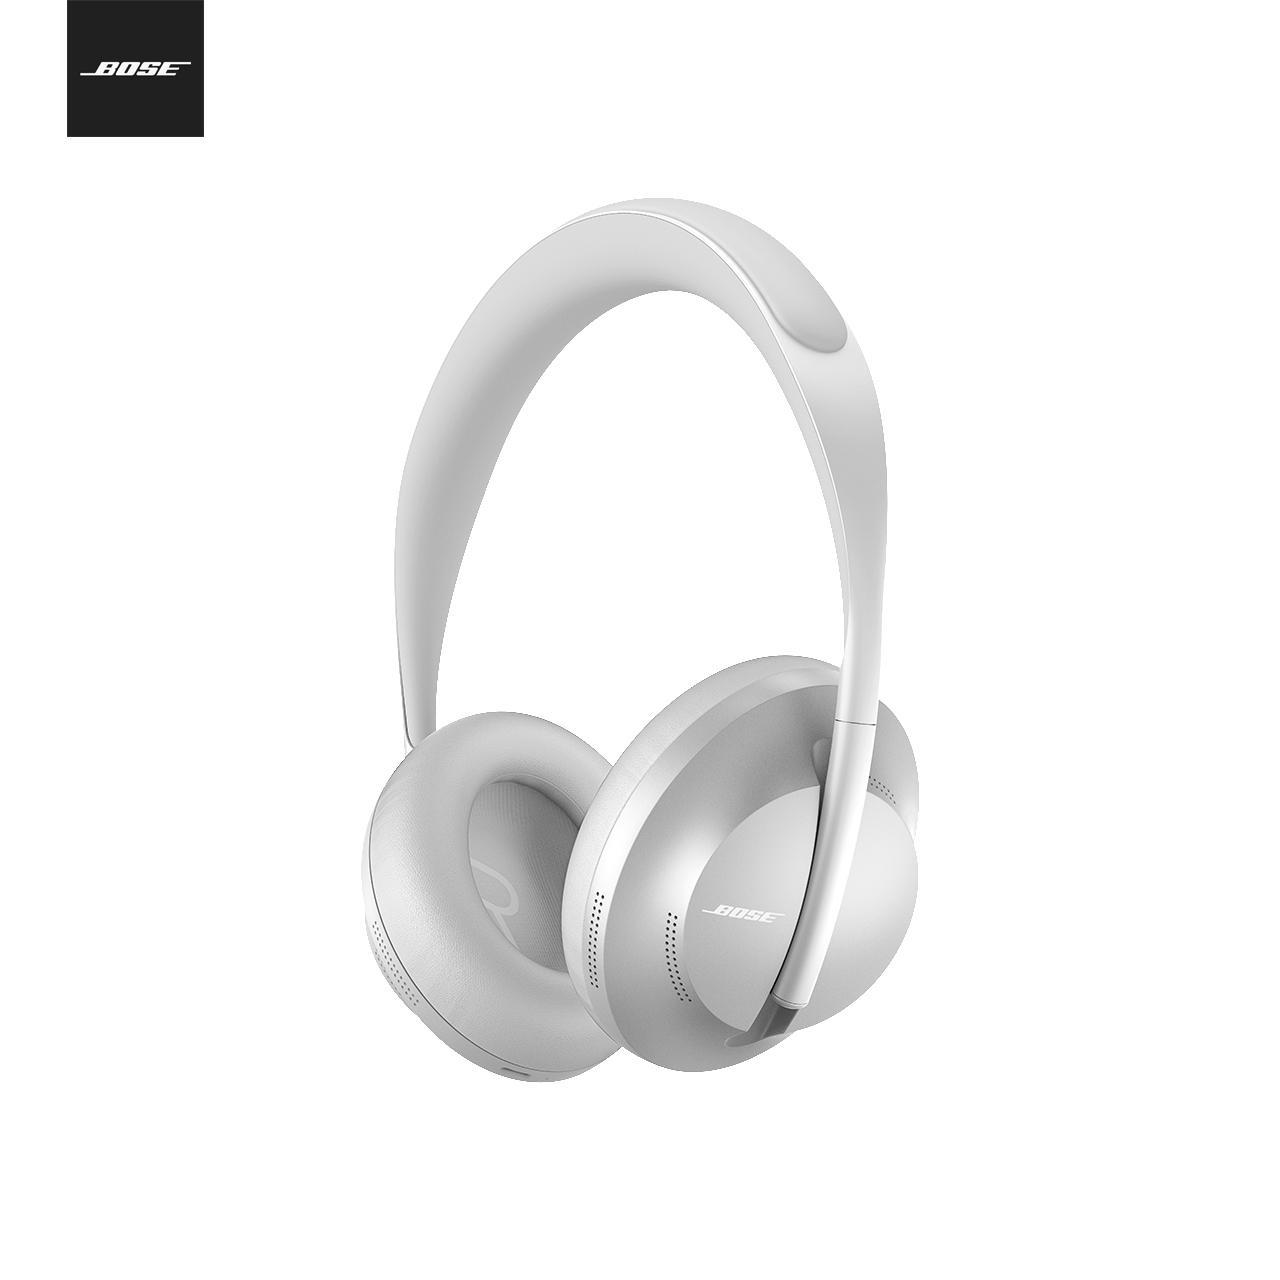 Tai Nghe Chống Ồn Bose Headphones 700 - Hàng Phân Phối Chính Hãng Có Giá Tốt